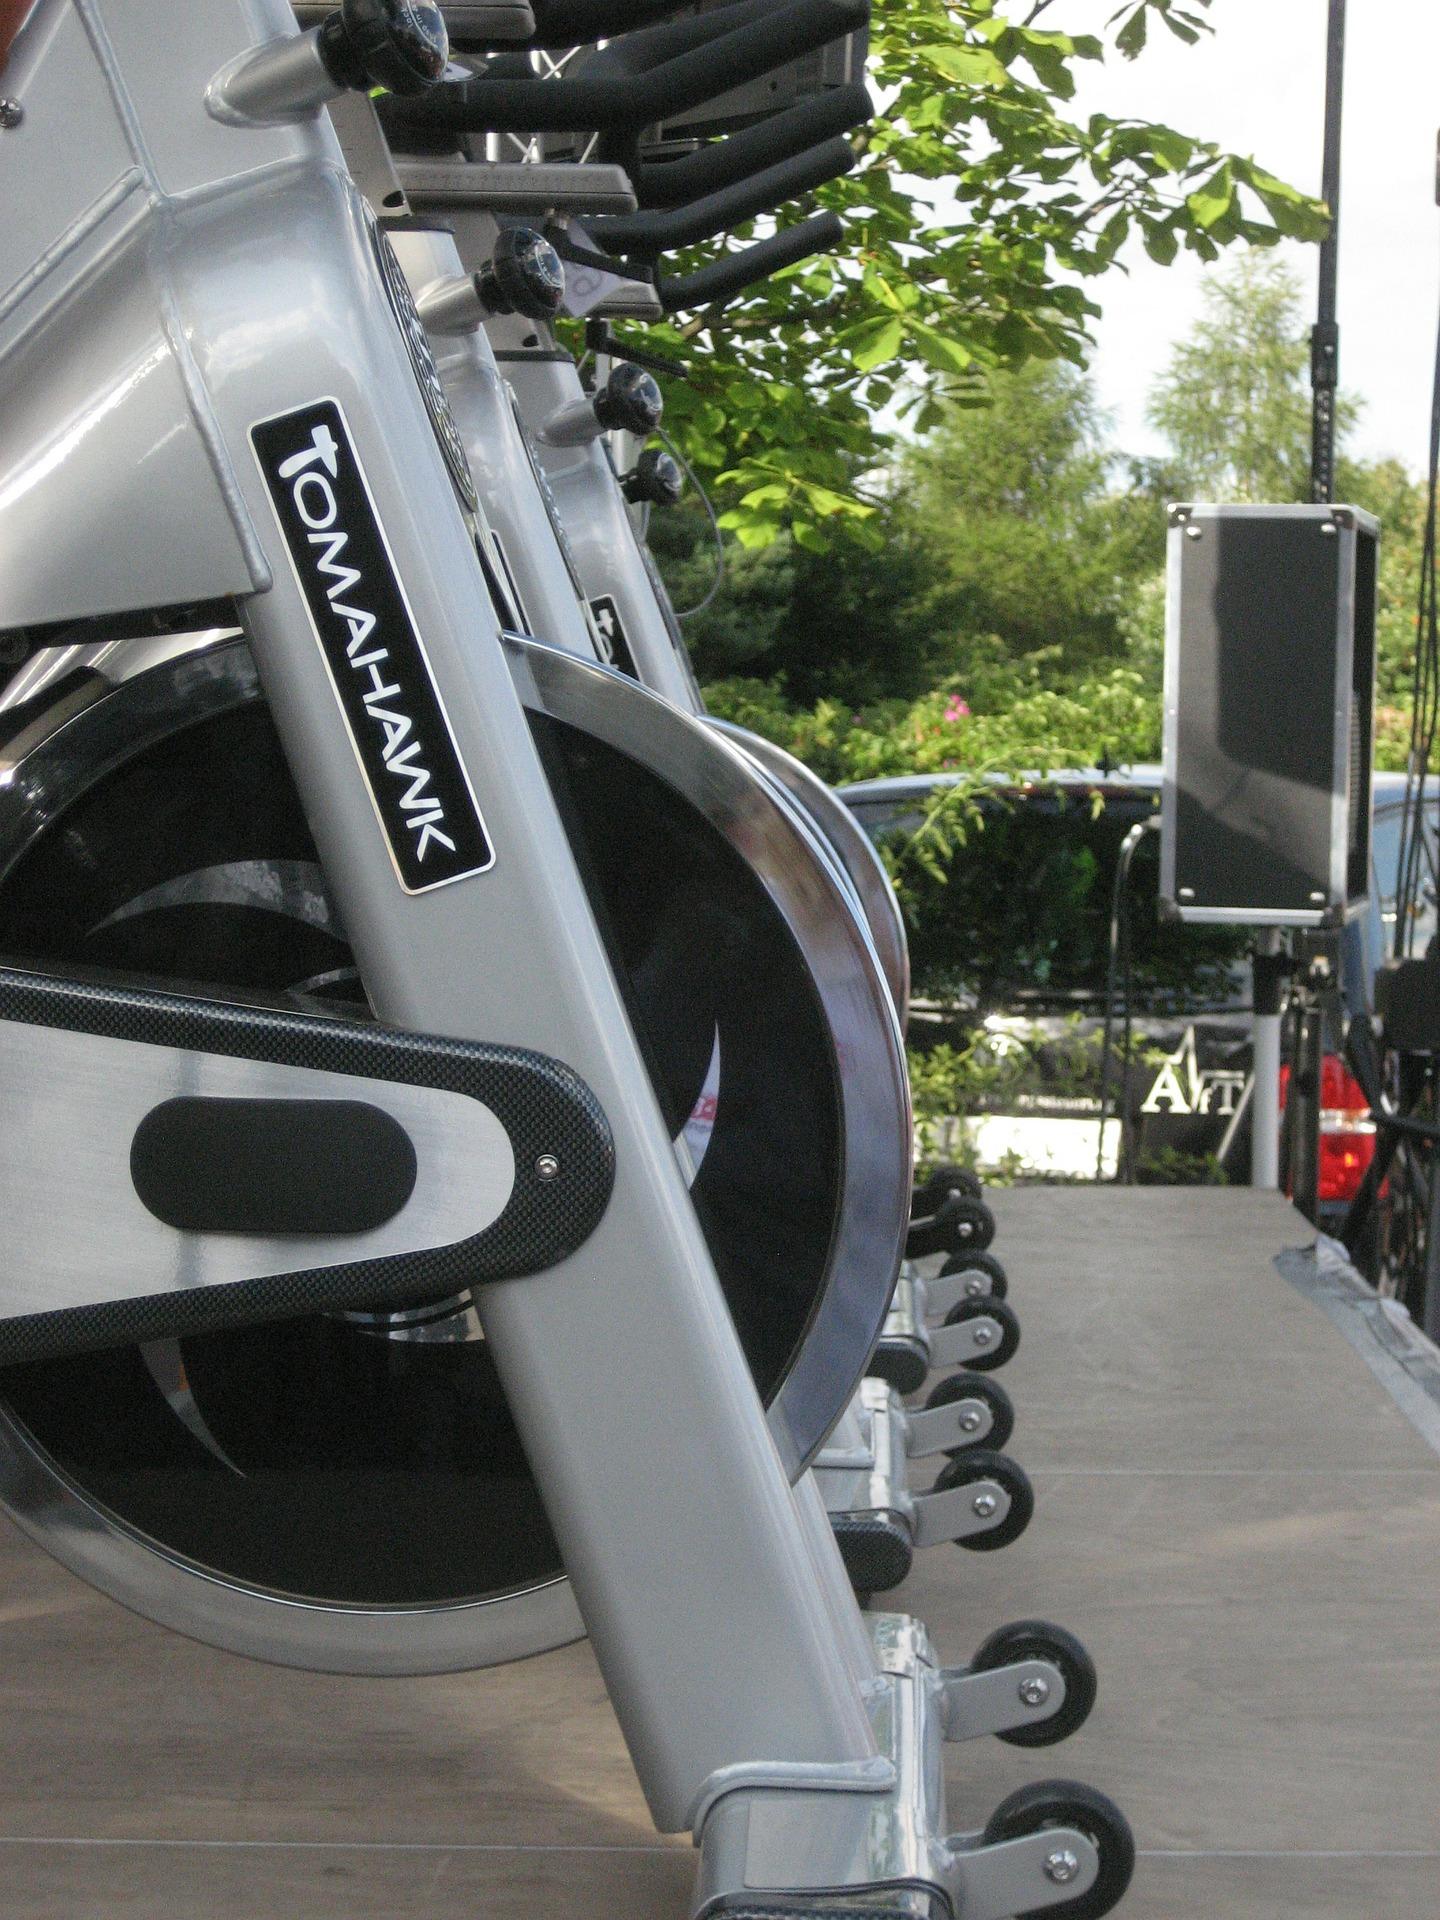 tomahawk exercise bikes